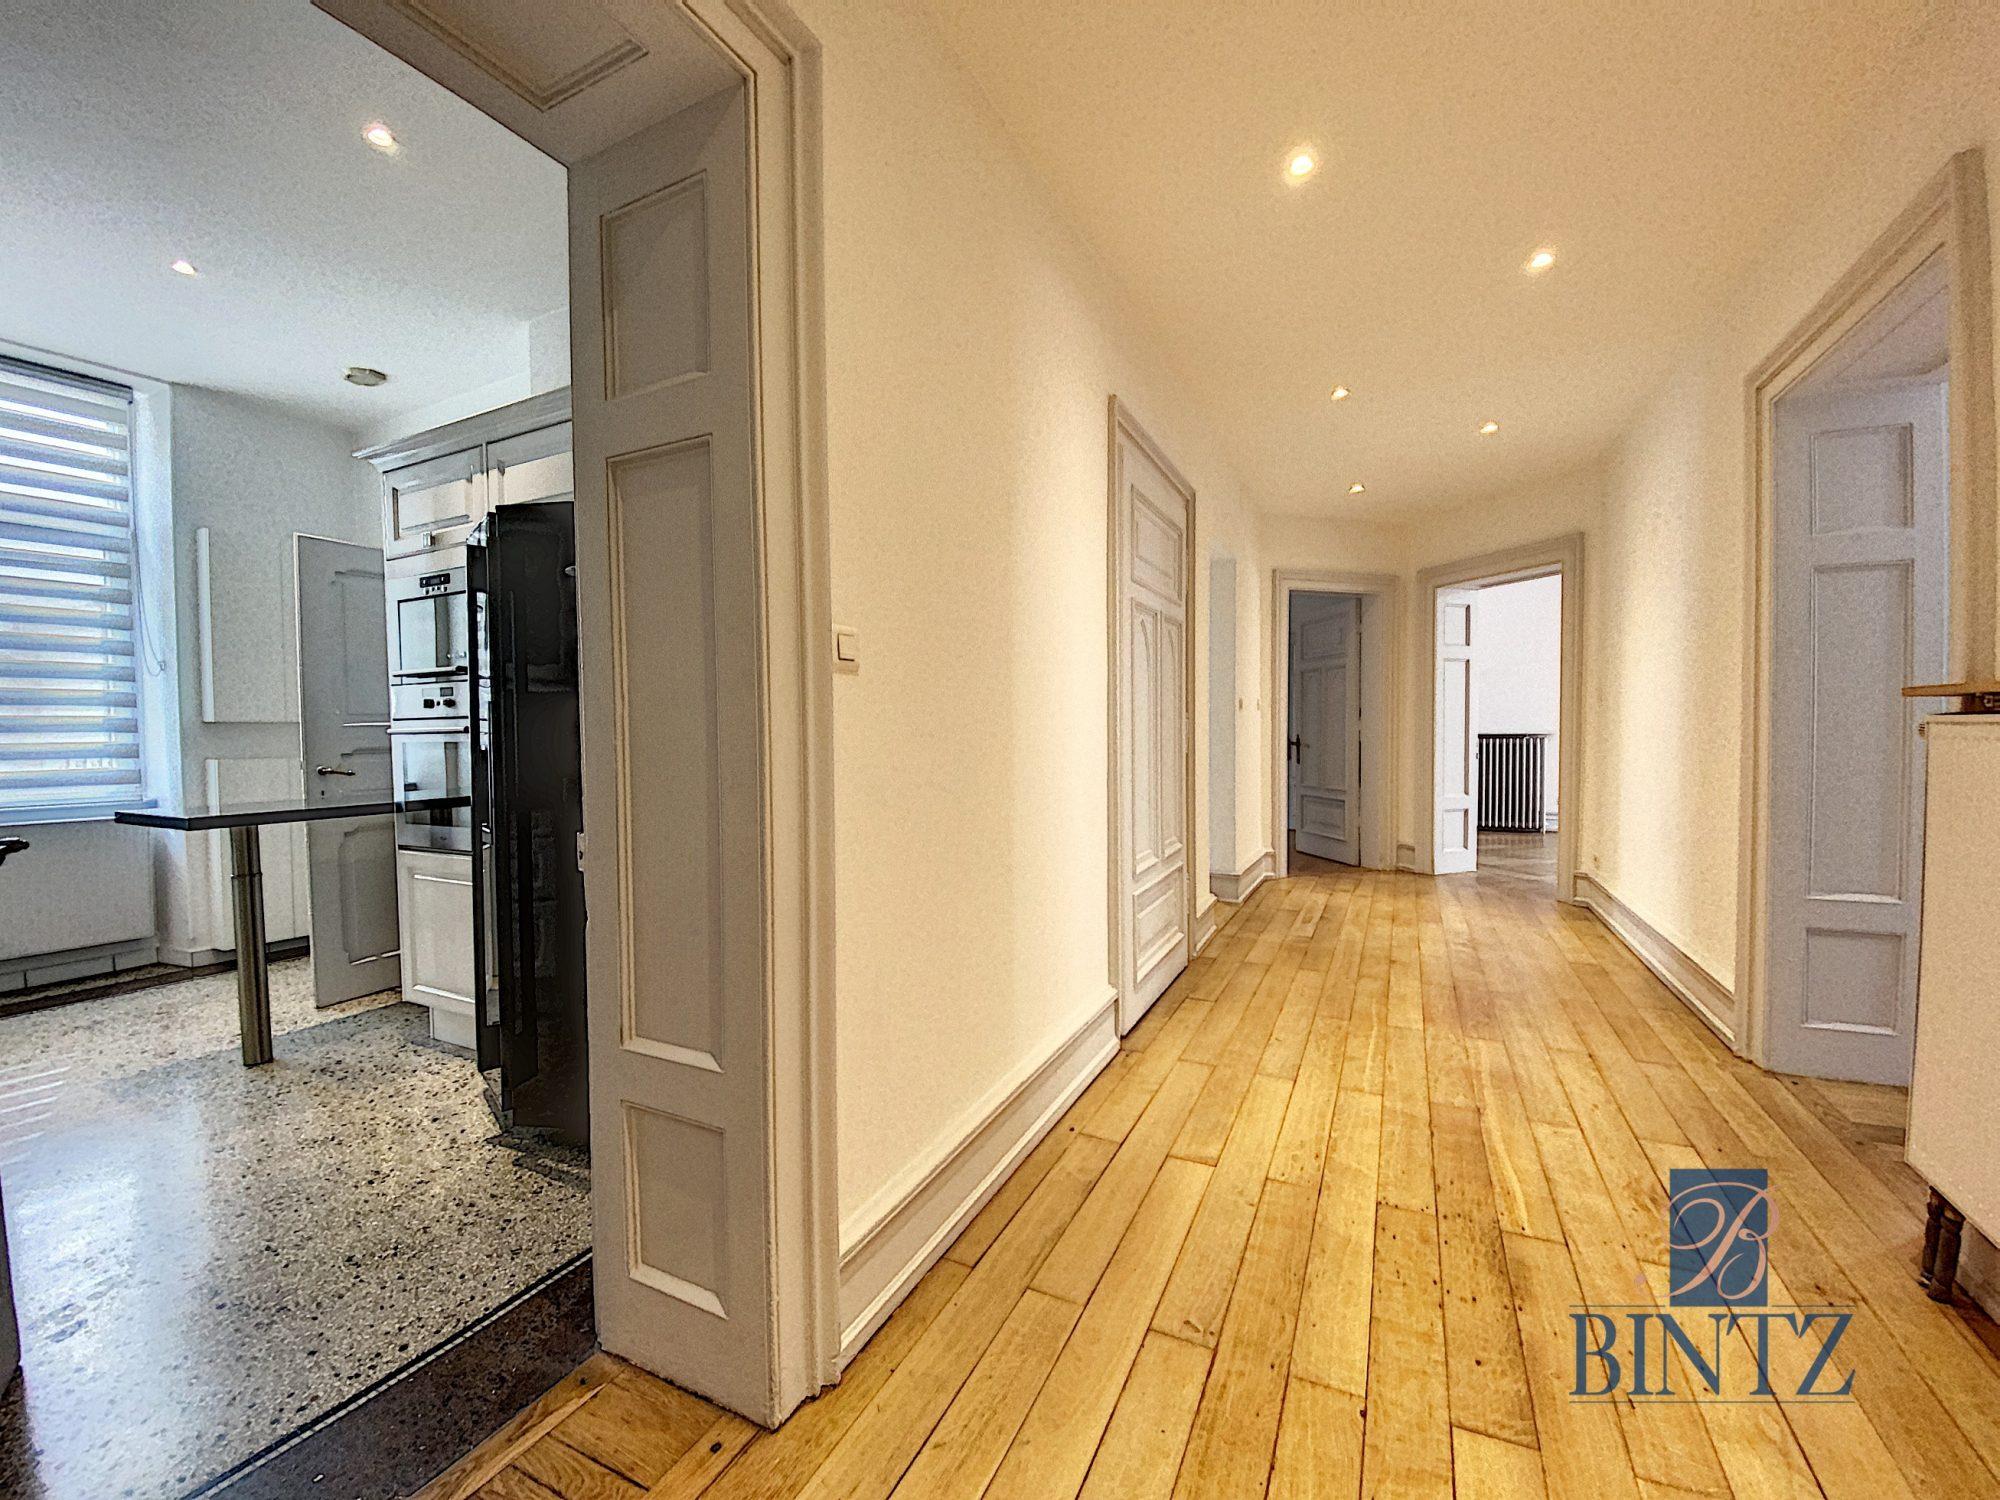 Magnifique 6 pièces de 164m2 Quartier Neustadt - Devenez propriétaire en toute confiance - Bintz Immobilier - 8